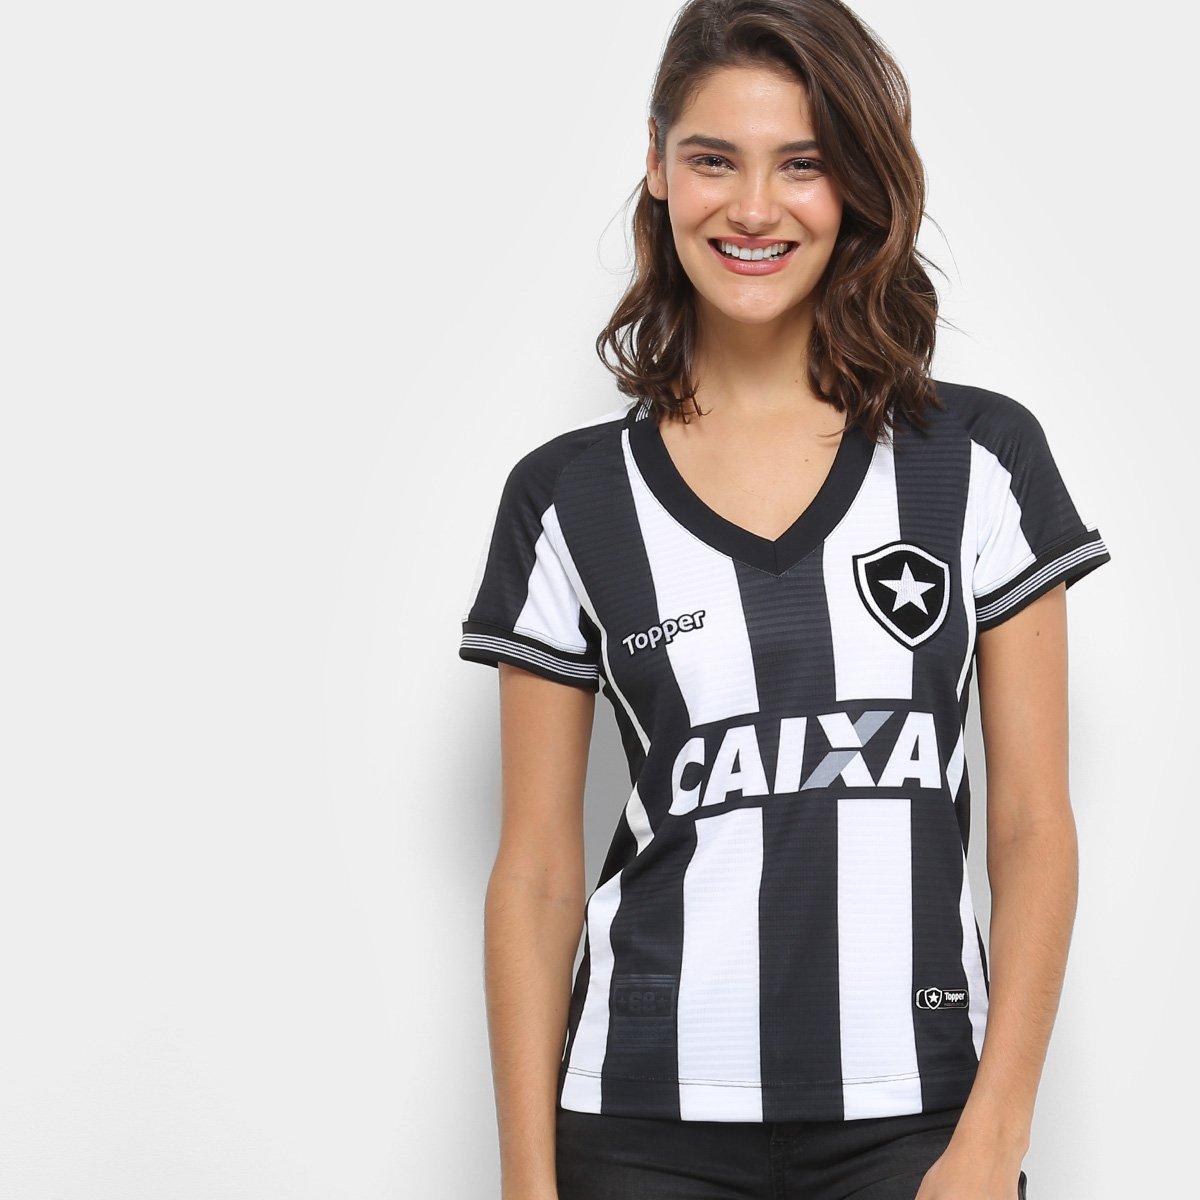 Camisa Botafogo I 2018 s n° Torcedor Topper Feminina - Preto e Branco -  Compre Agora  f37cc1ae7d65e